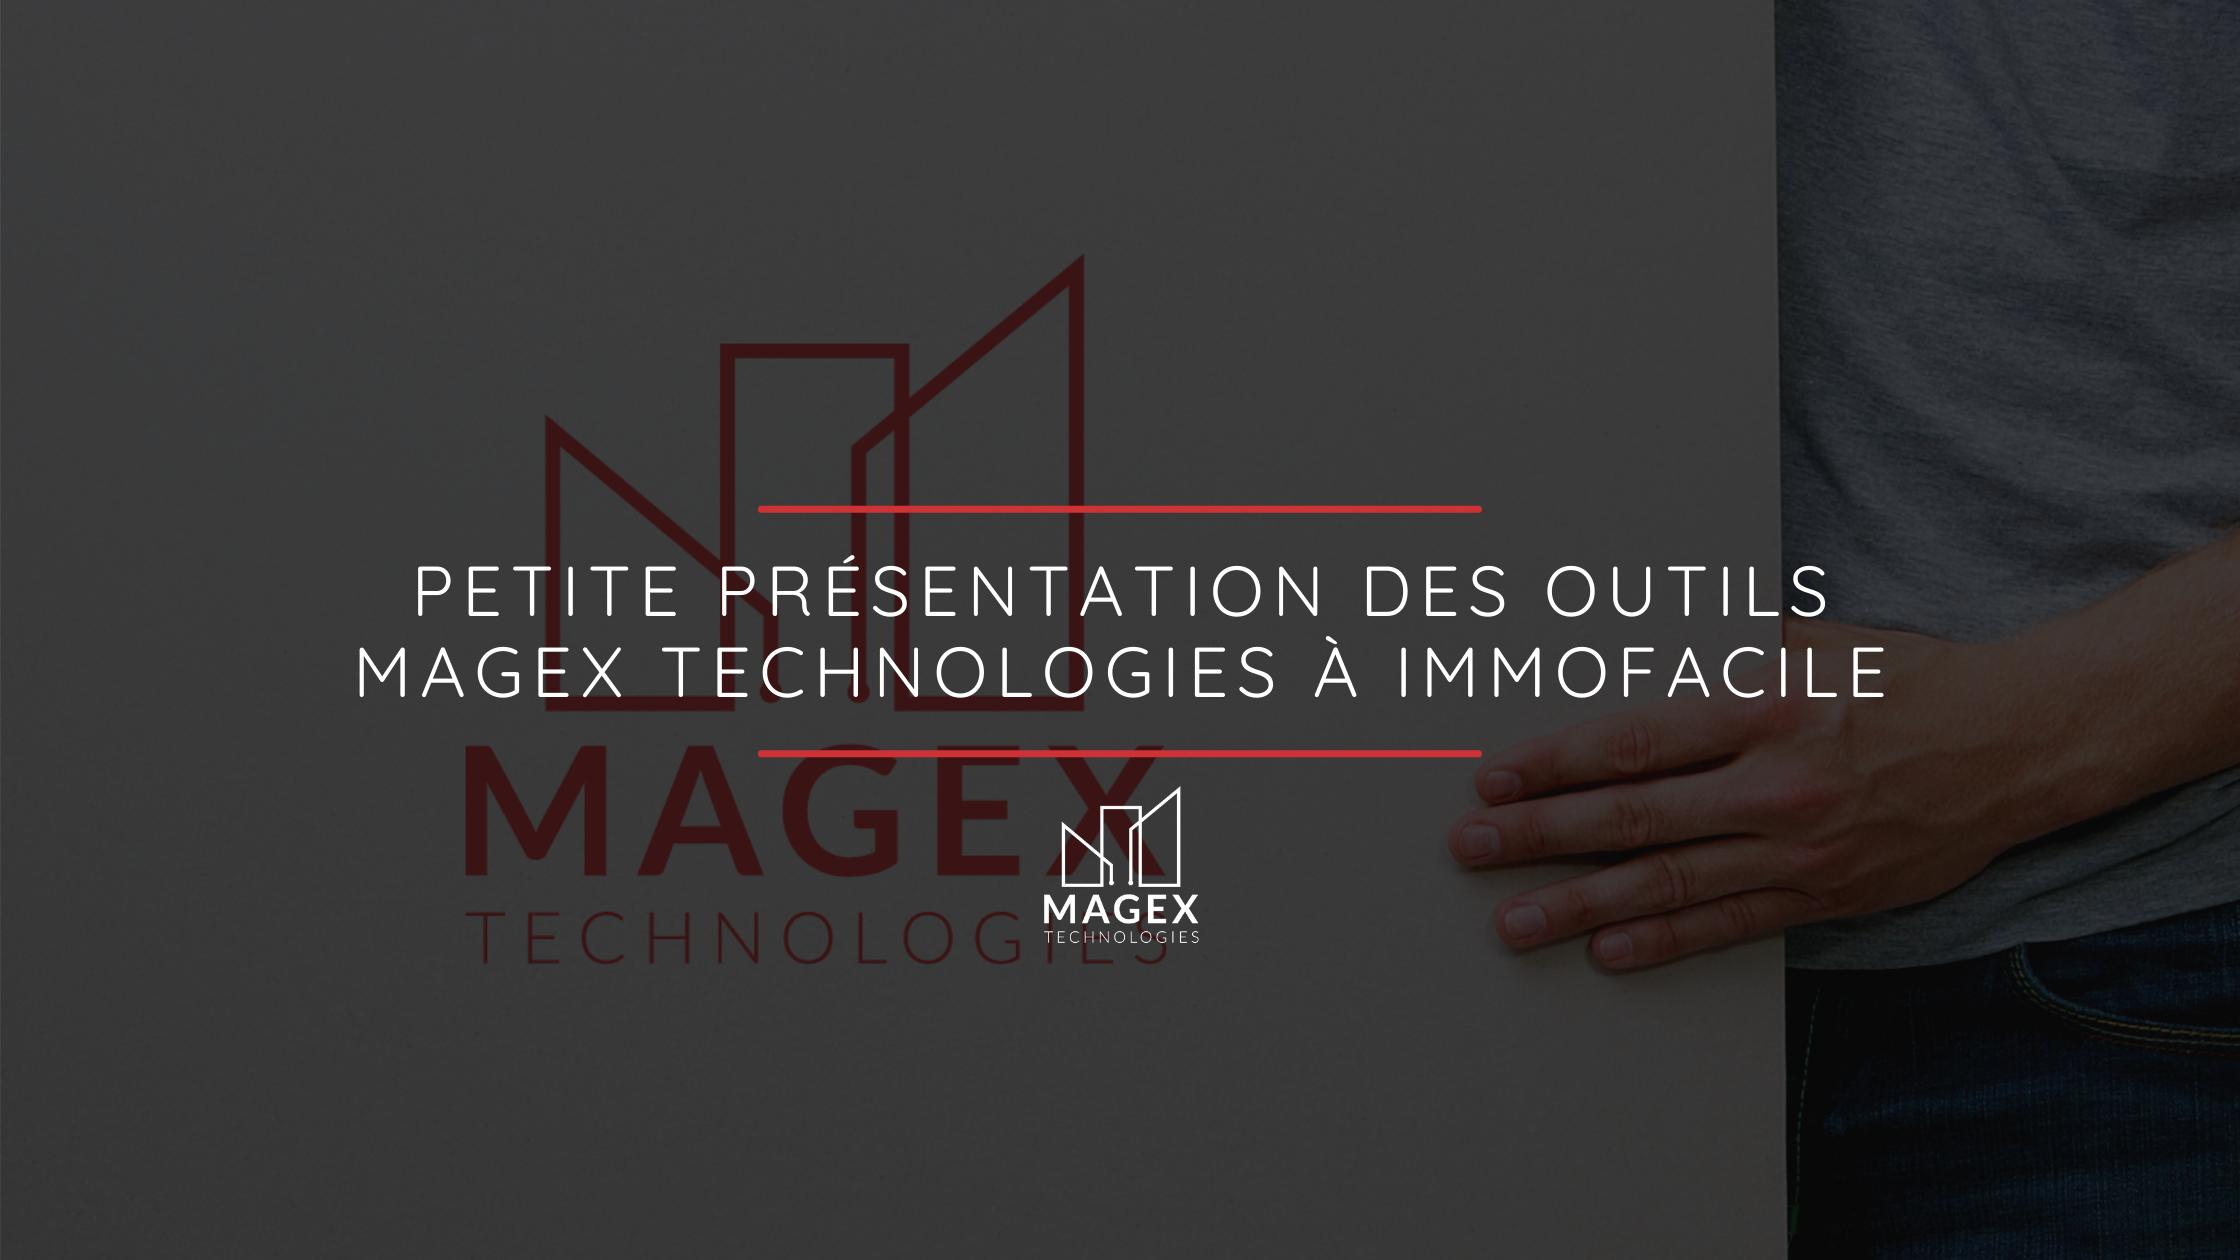 Petite présentation des outils Magex Technologies à Immofacile